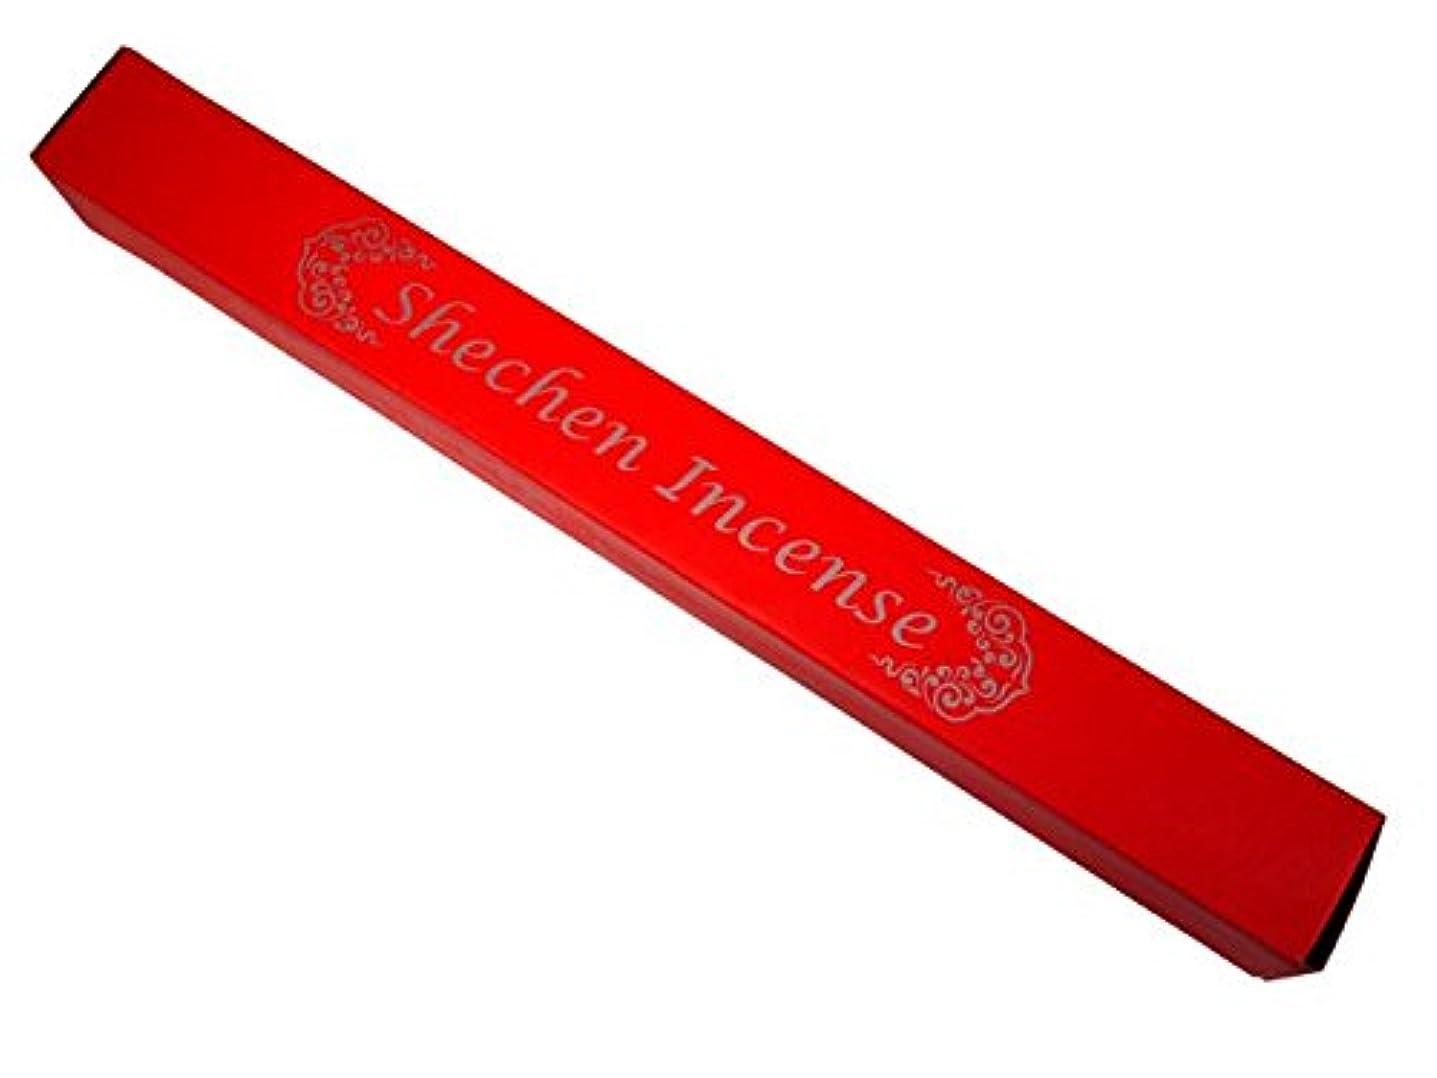 構成する刈り取る簡単なシェチェンモナストリ チベット仏教寺院シェチェンモナストリのお香【Shechen Incense RED】